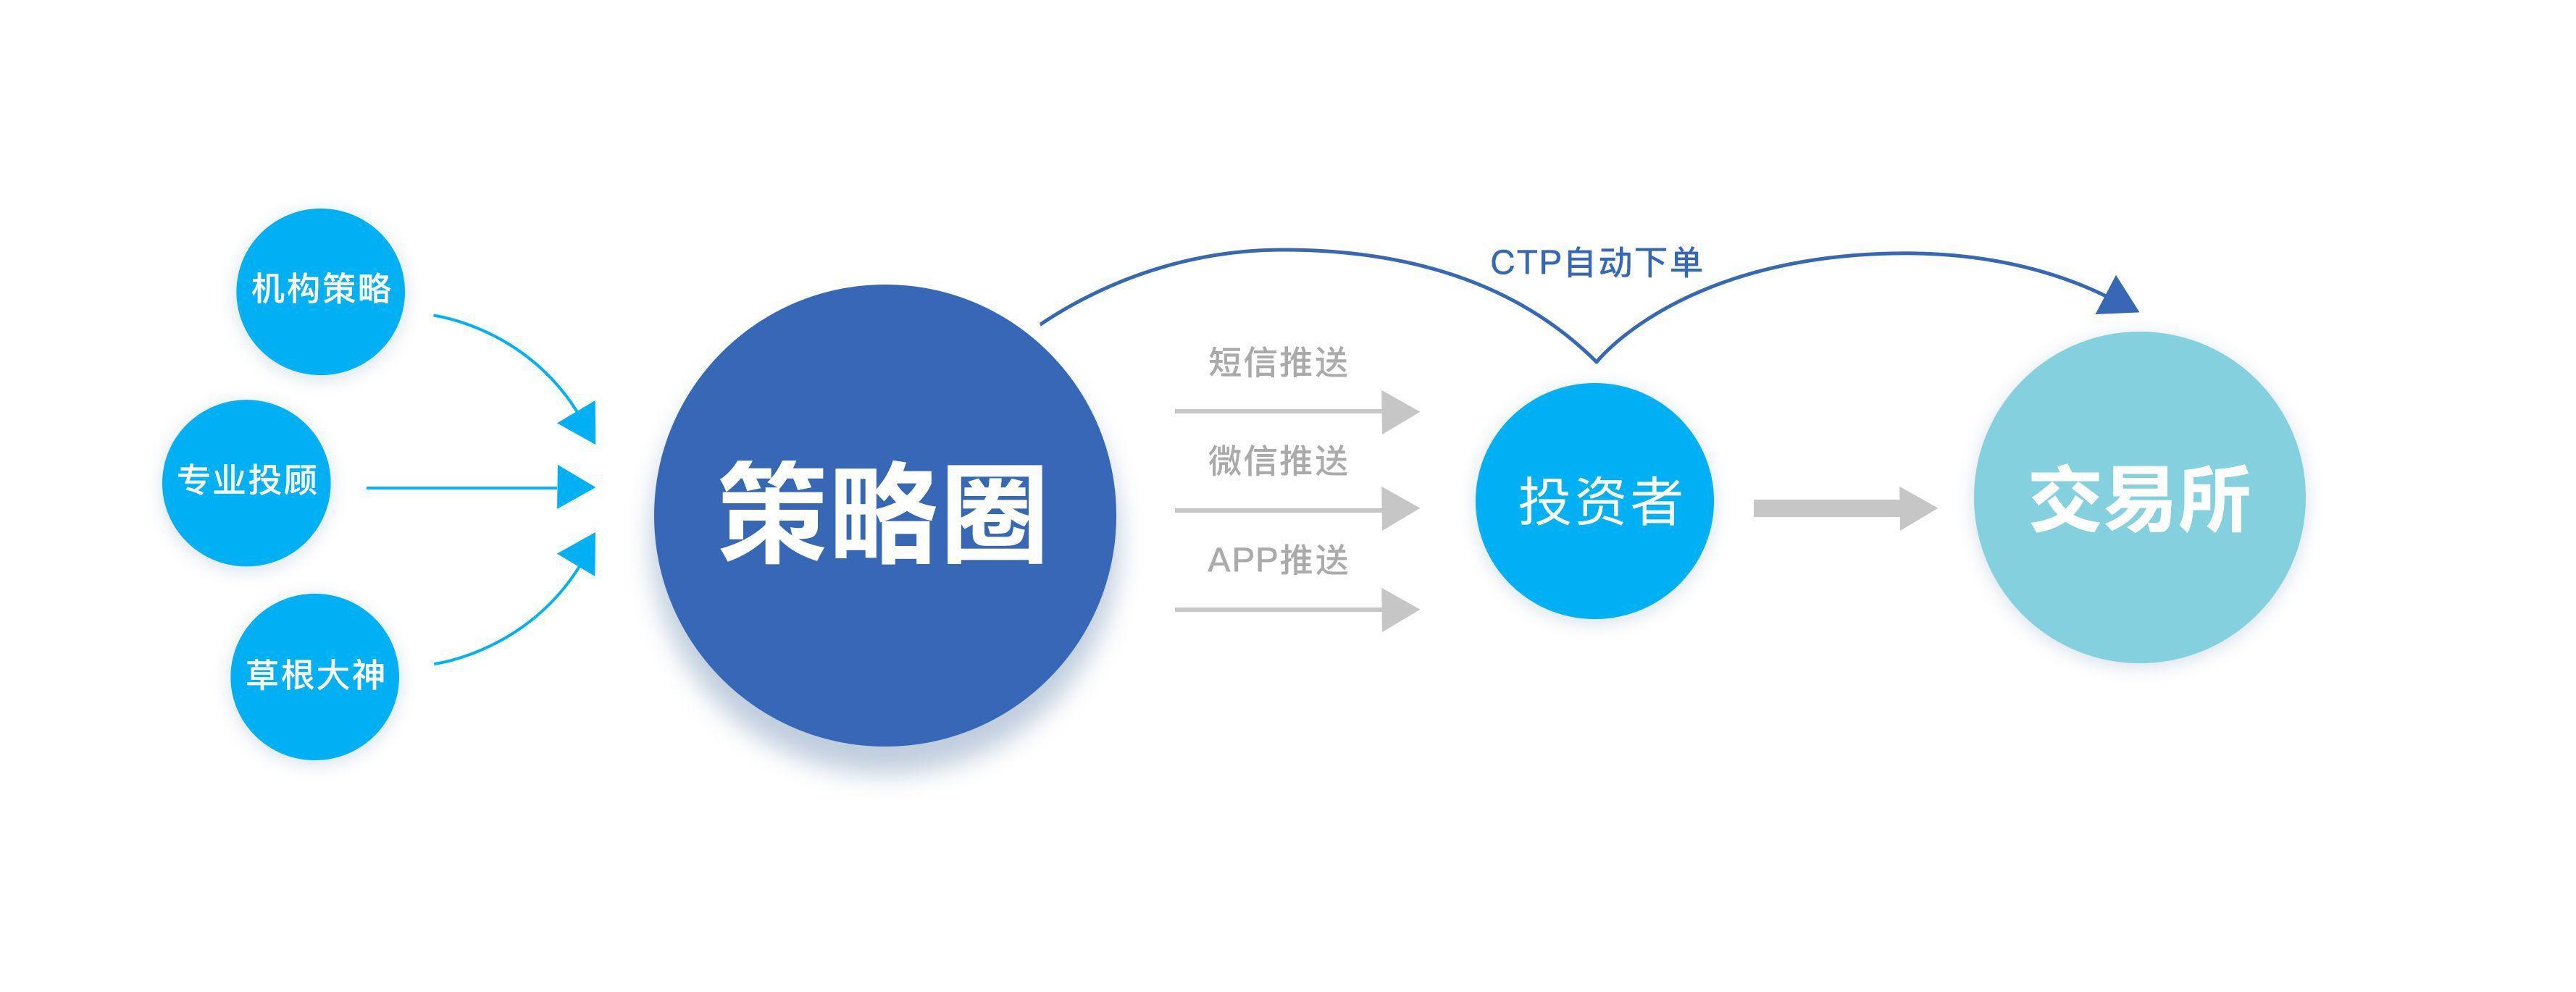 配资网策略圈:开启量化交易新时代